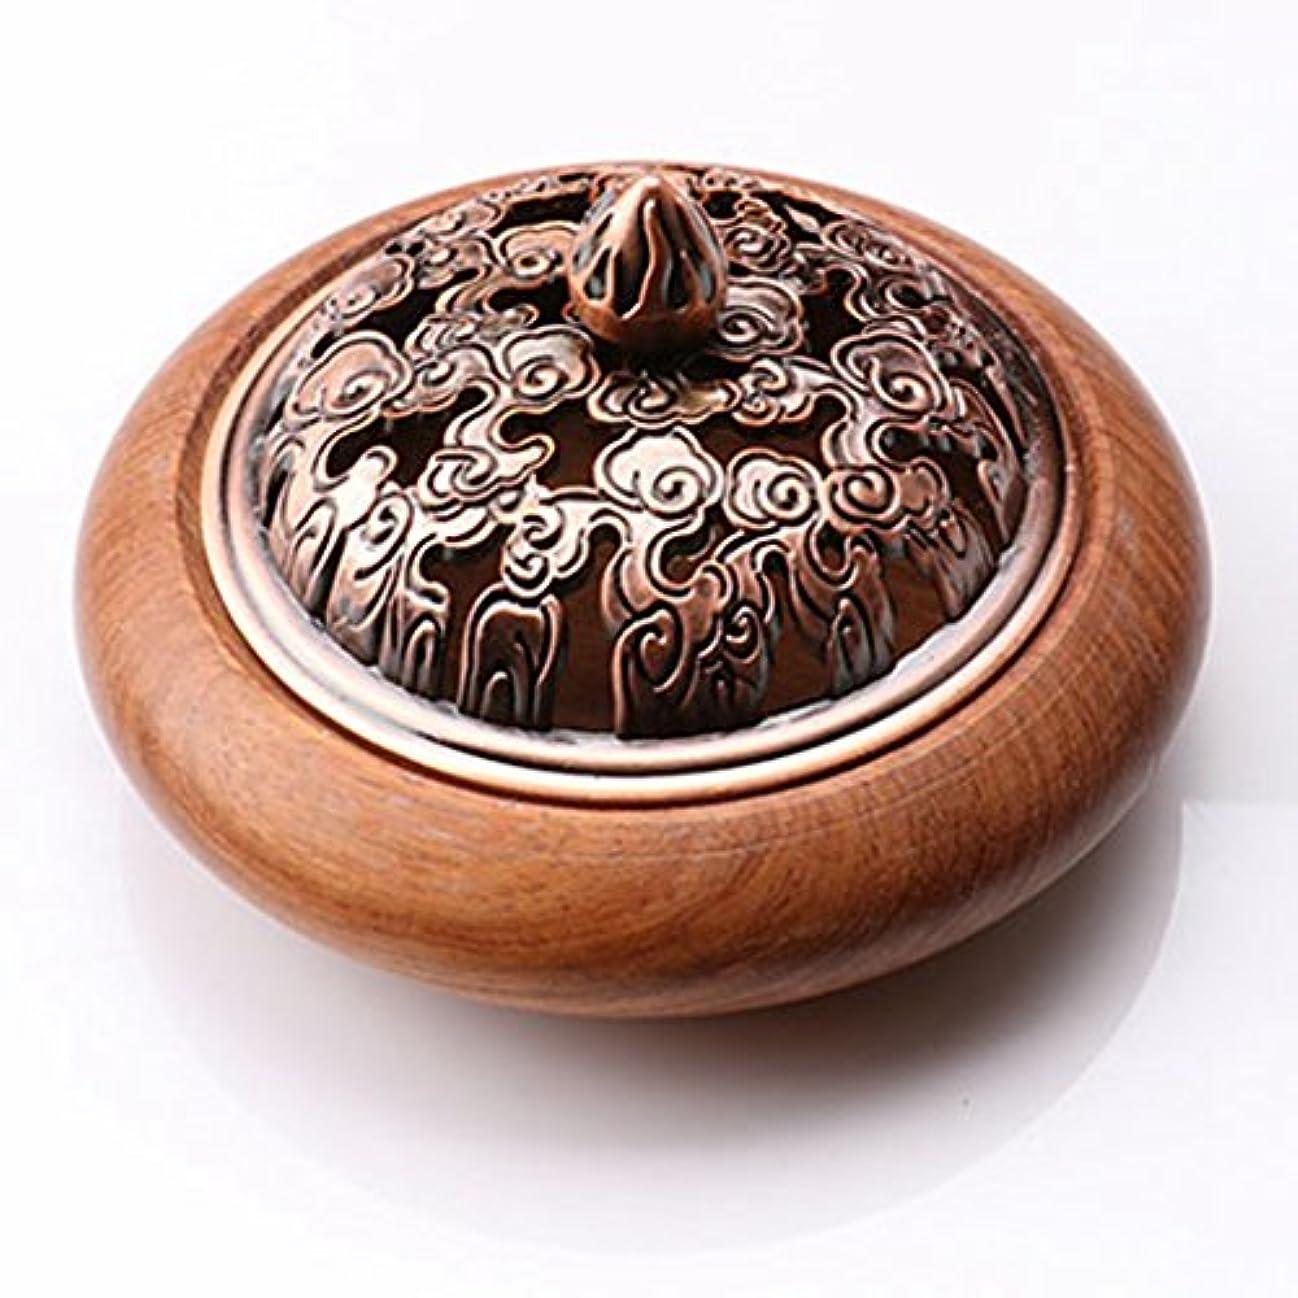 ノート規制するめまい(ラシューバー) Lasuiveur 香炉 香立て 渦巻き線香 線香立て お香立て 木製